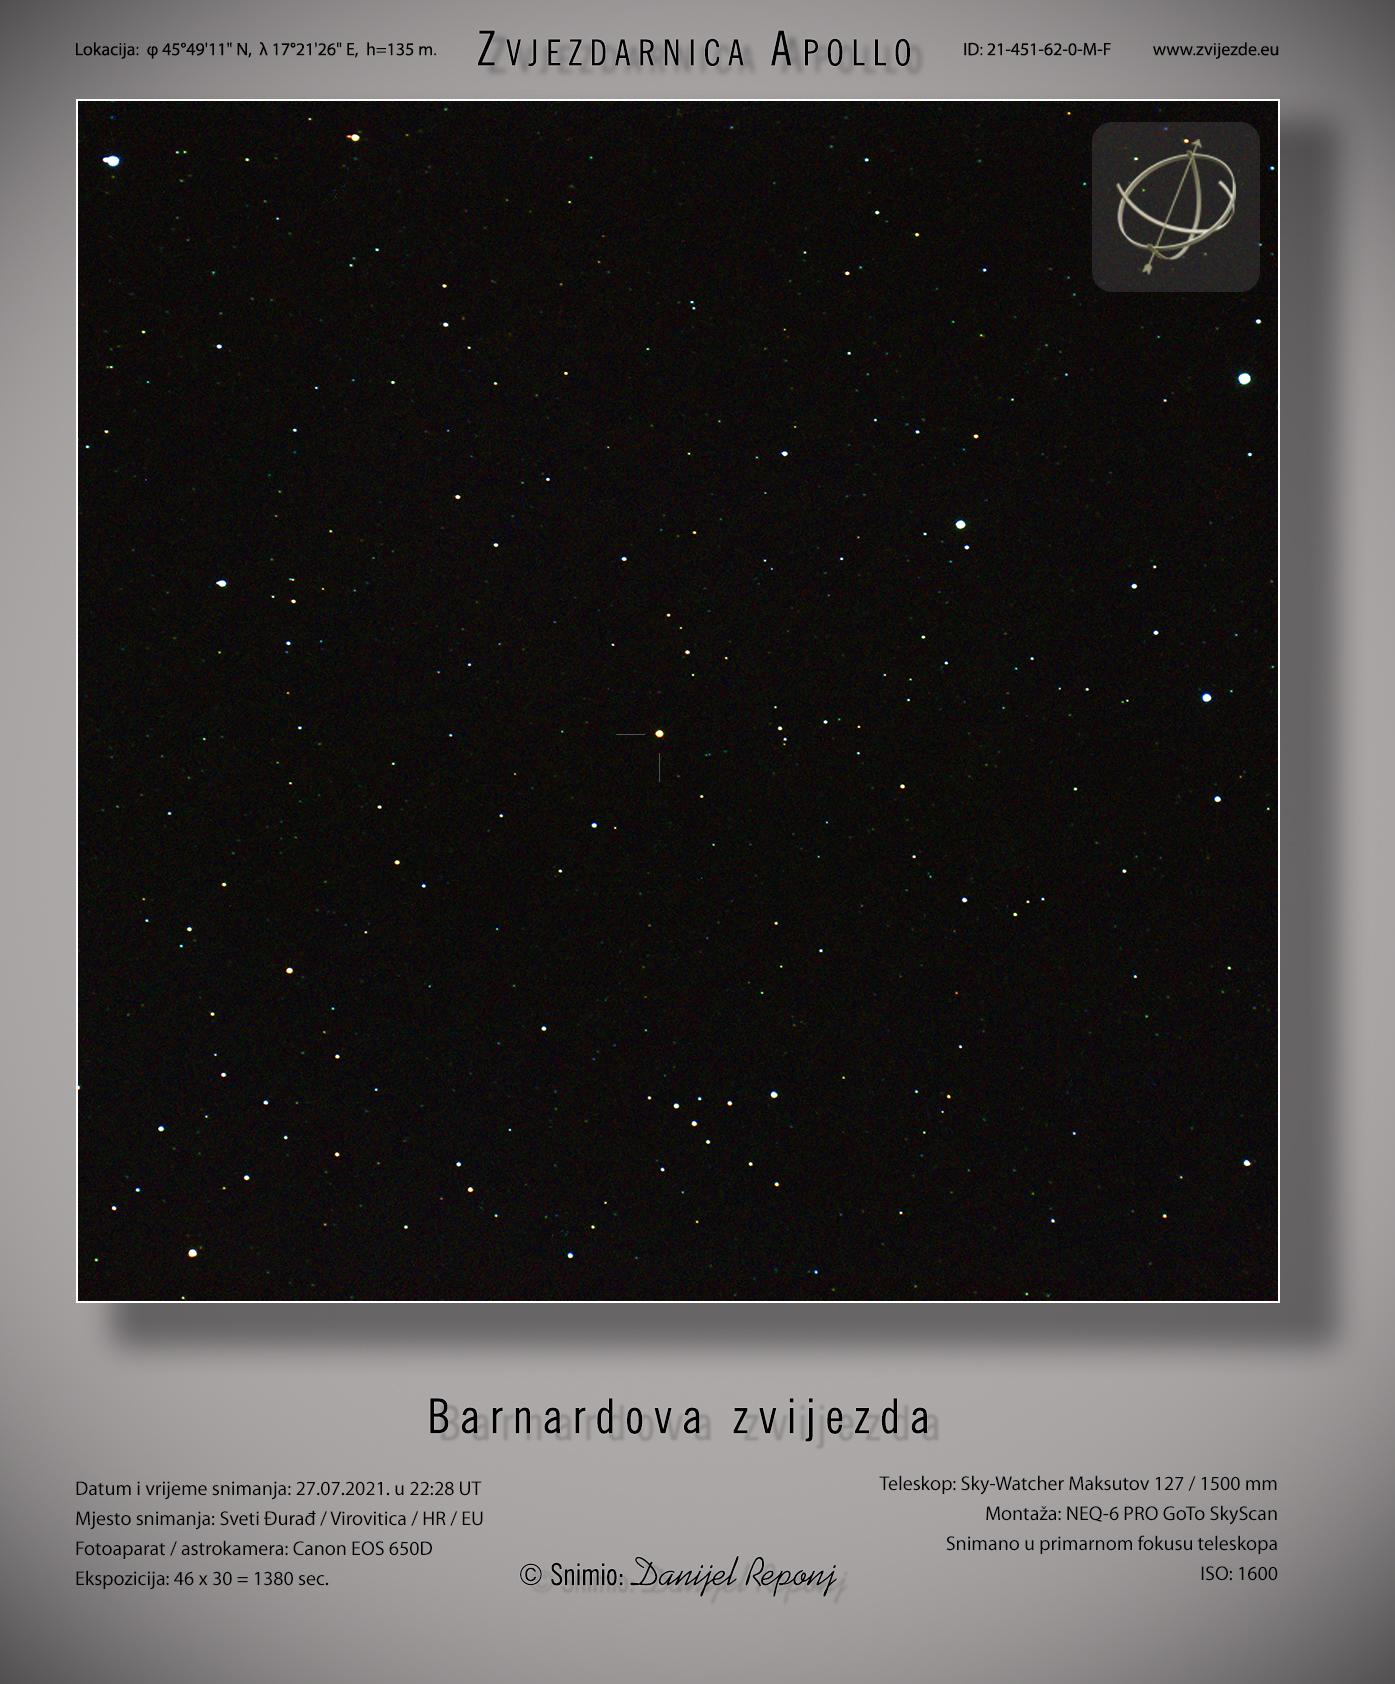 Barnardova zvijezda, 27.7.2021.